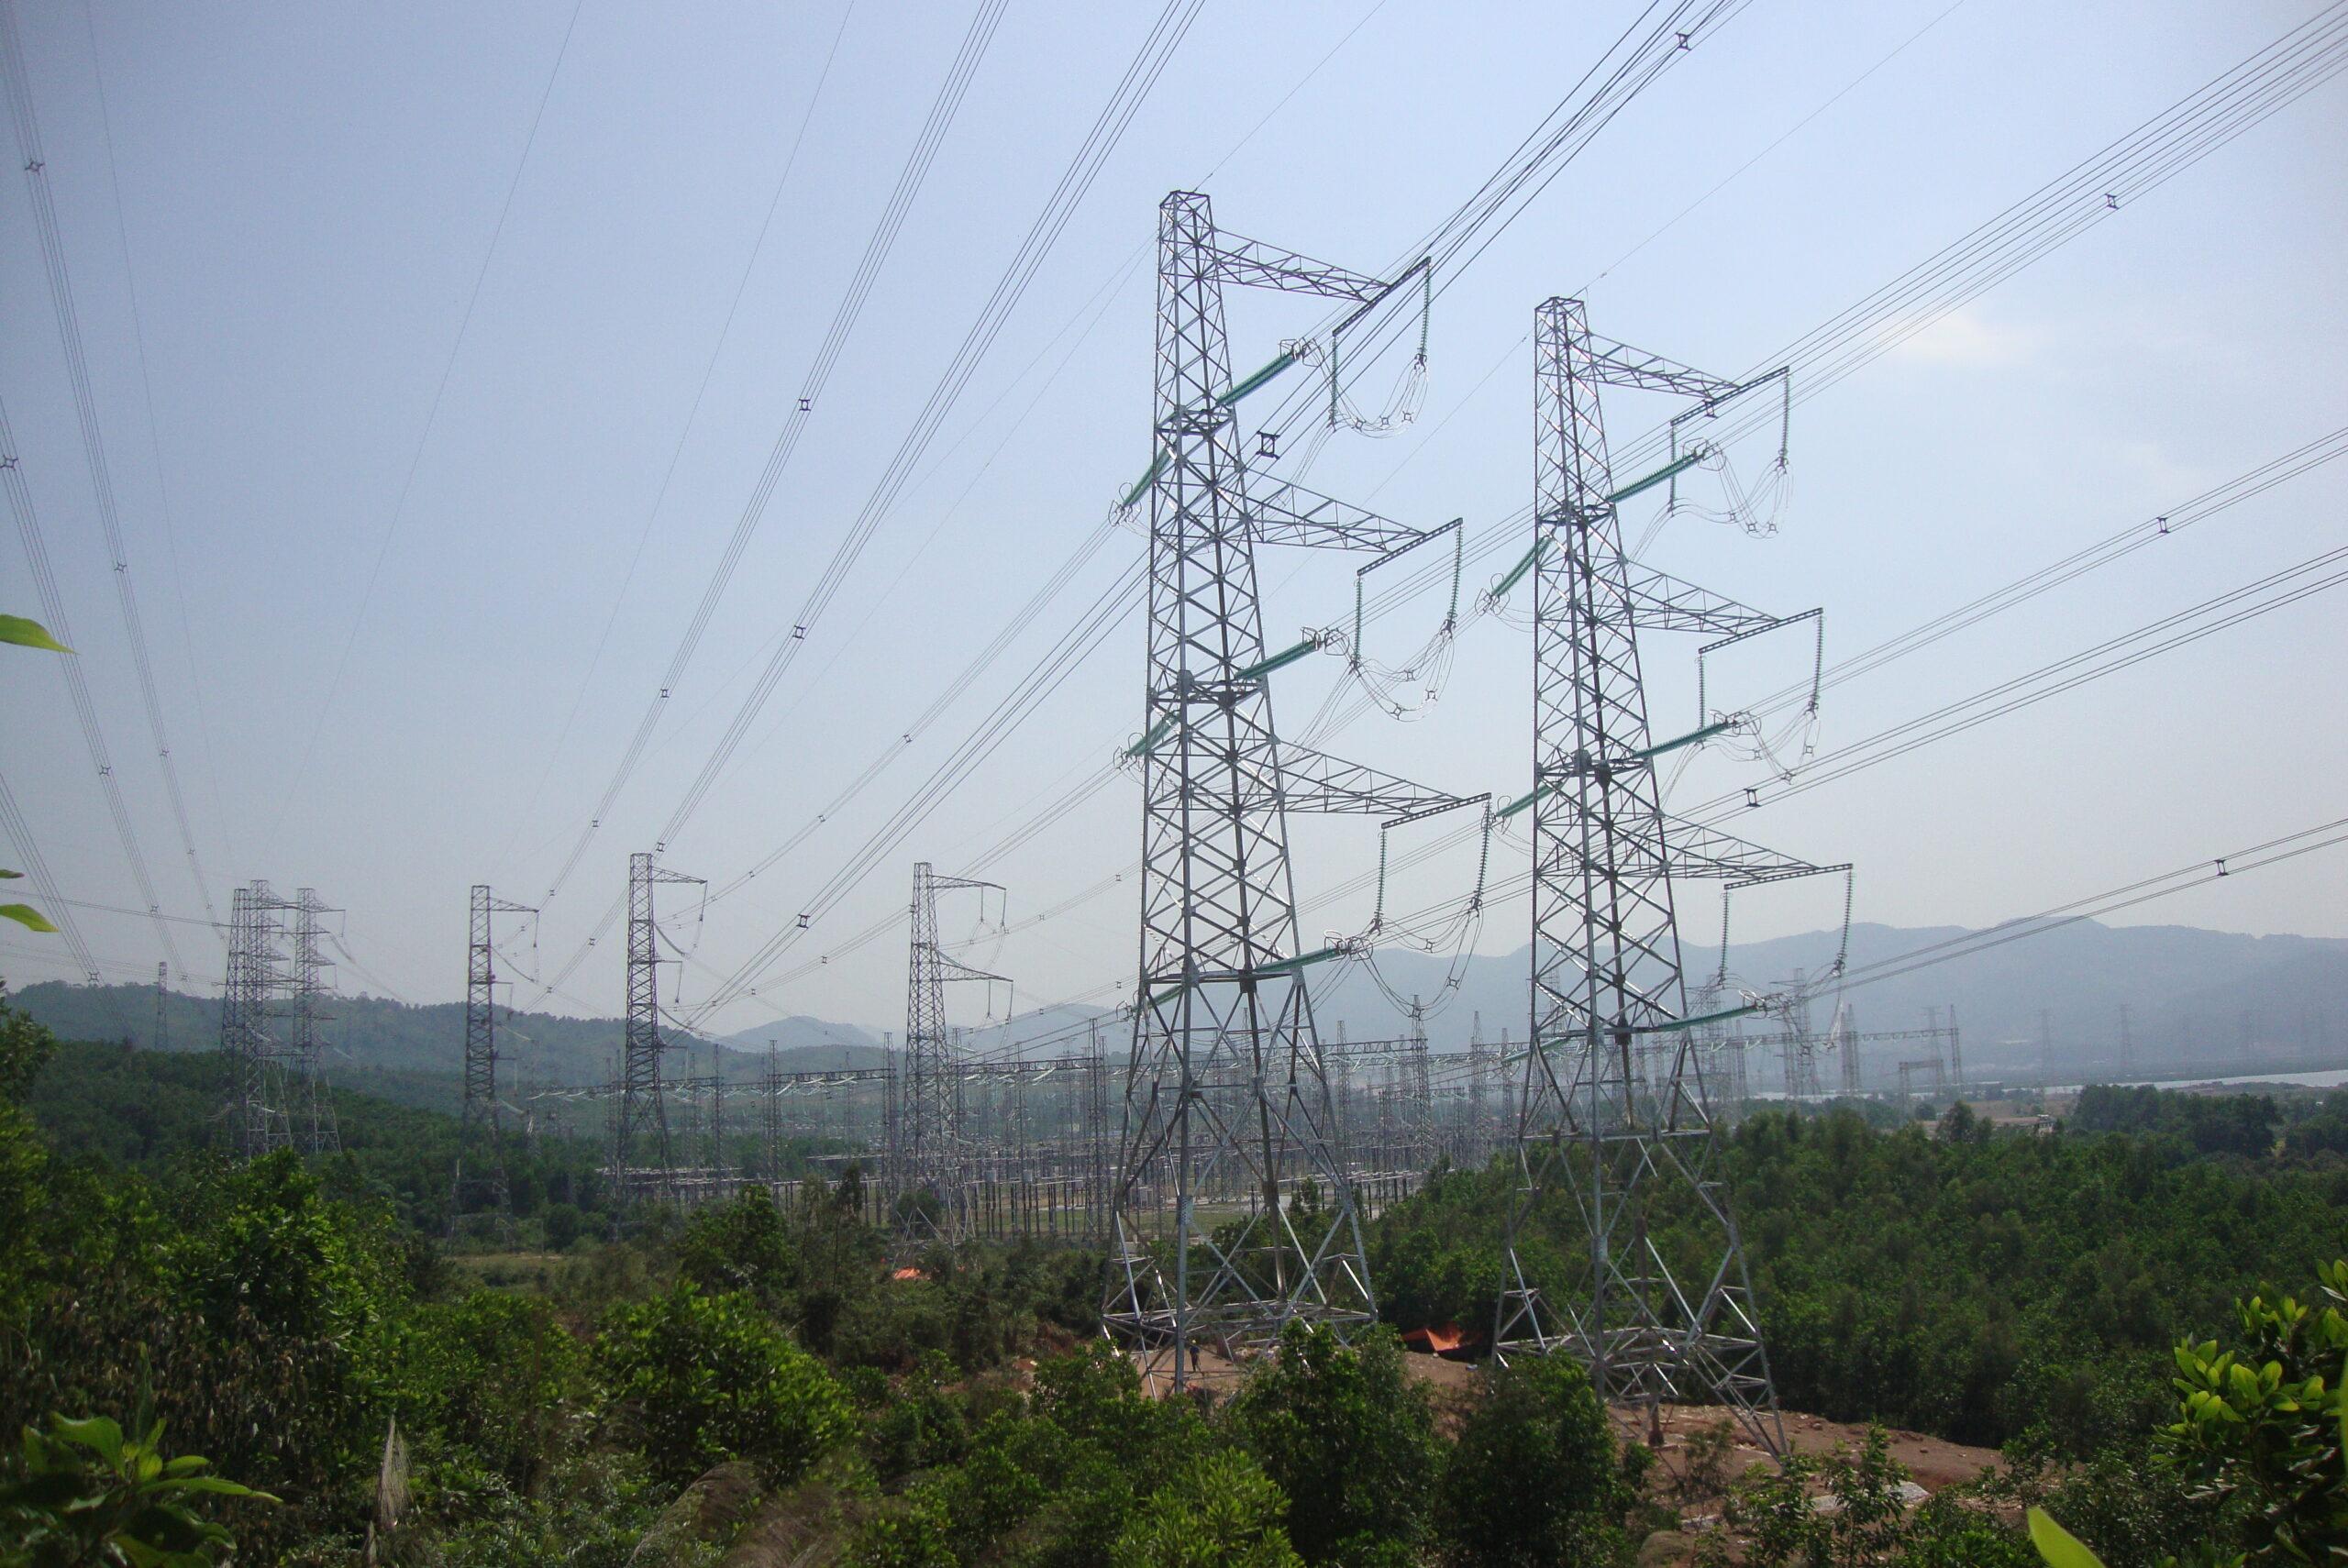 Đường dây 500kV Quảng Ninh